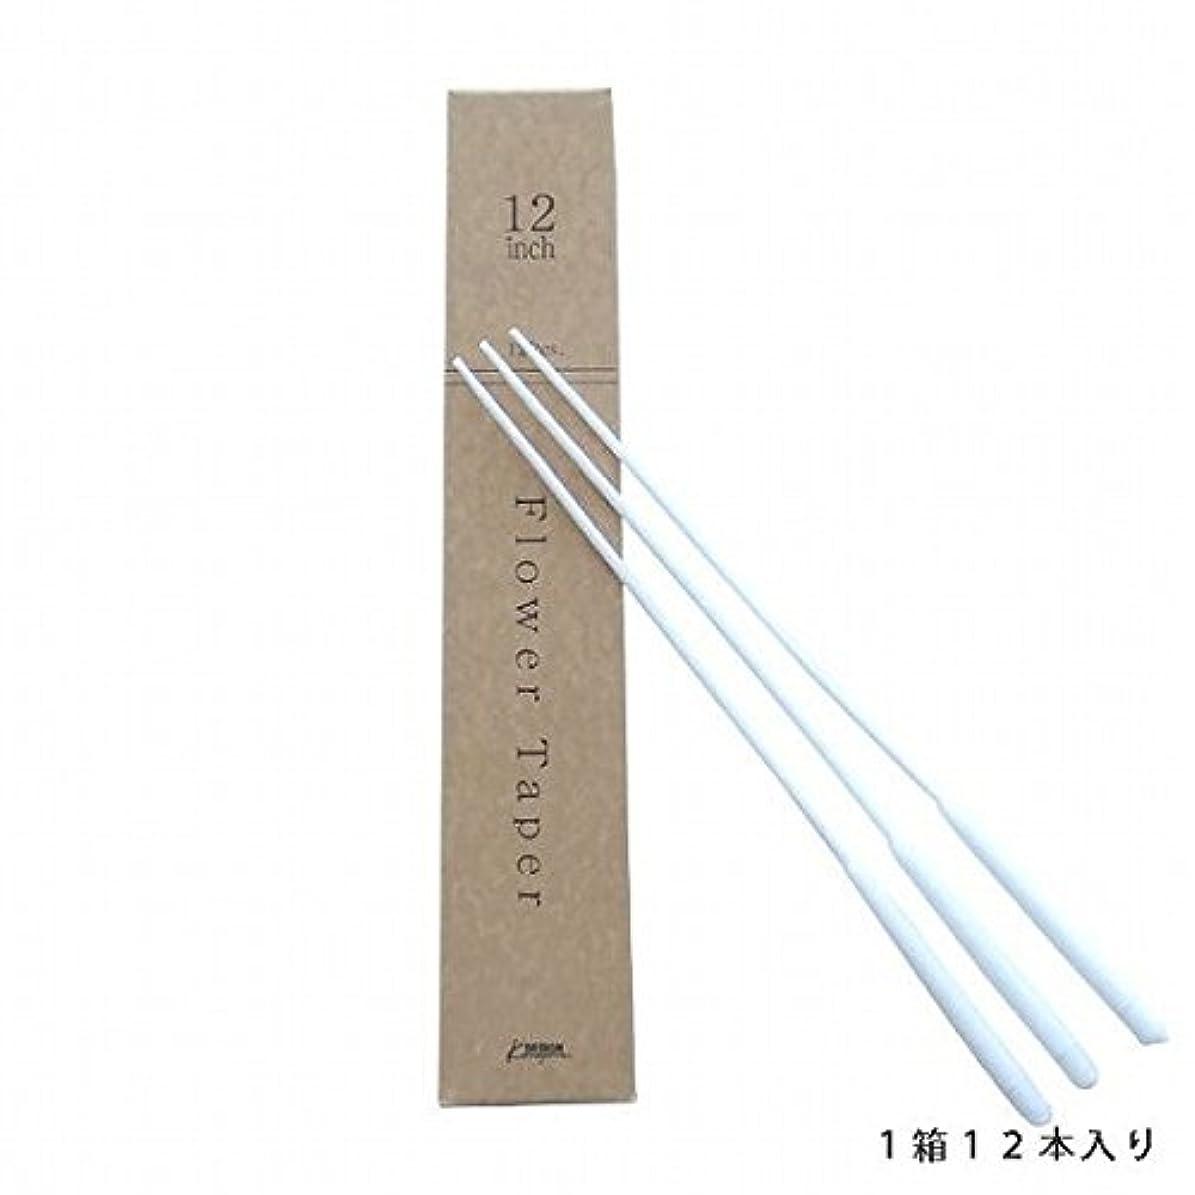 虚偽ペストクラスkameyama candle(カメヤマキャンドル) 12インチトーチ用フラワーテーパー12本入 「 ホワイト 」(72339900W)